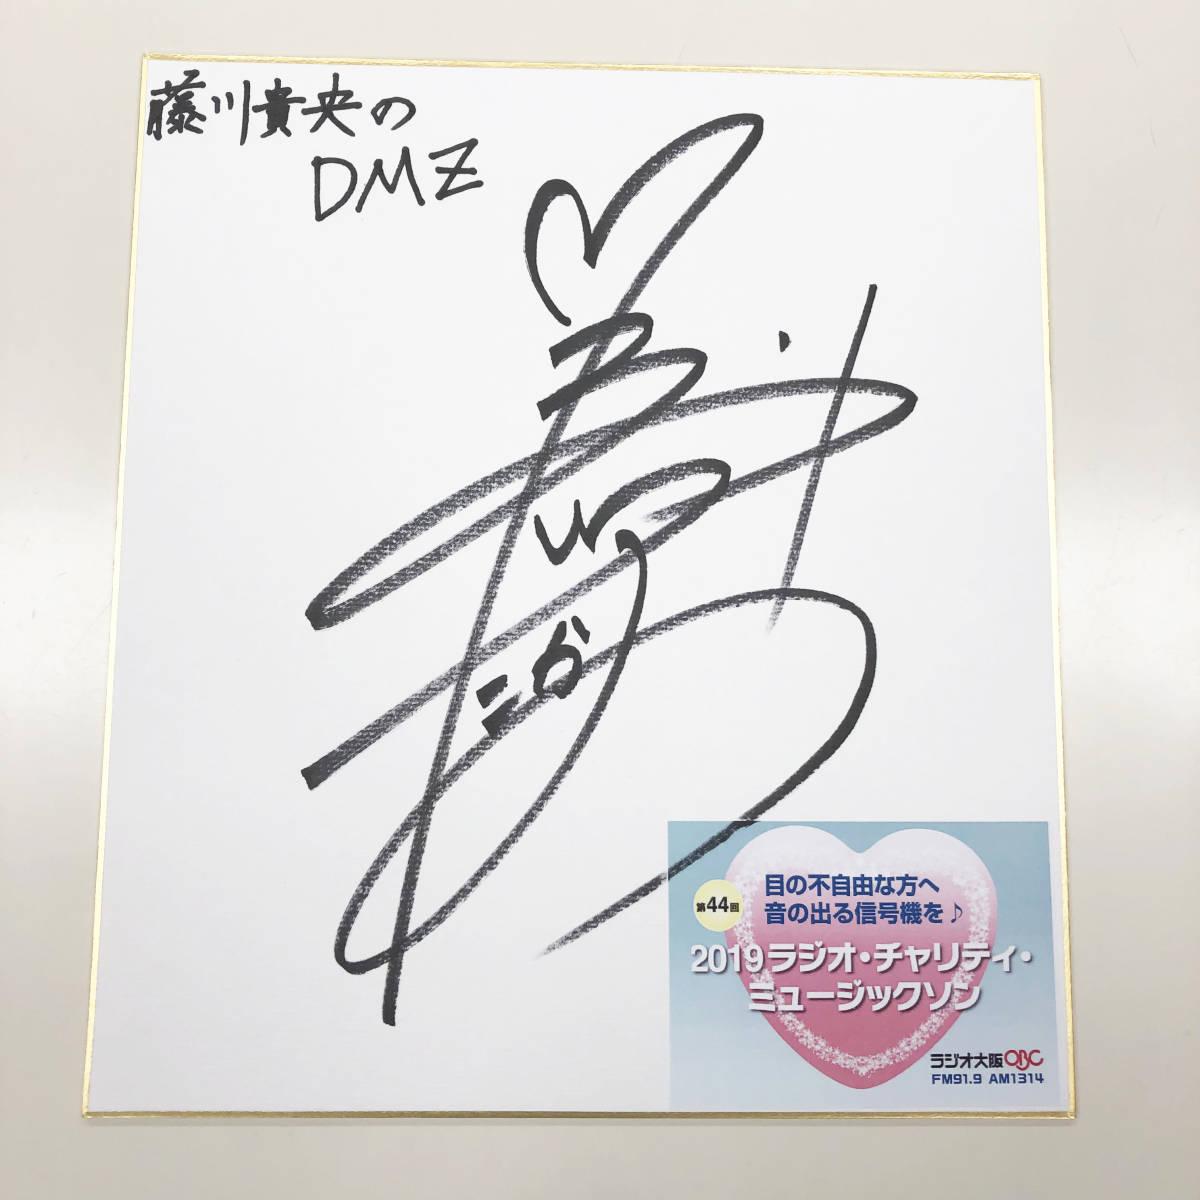 [チャリティ]【1点モノ】藤川貴央のDMZ特製「IDタグ」【ネックレス】 _画像4